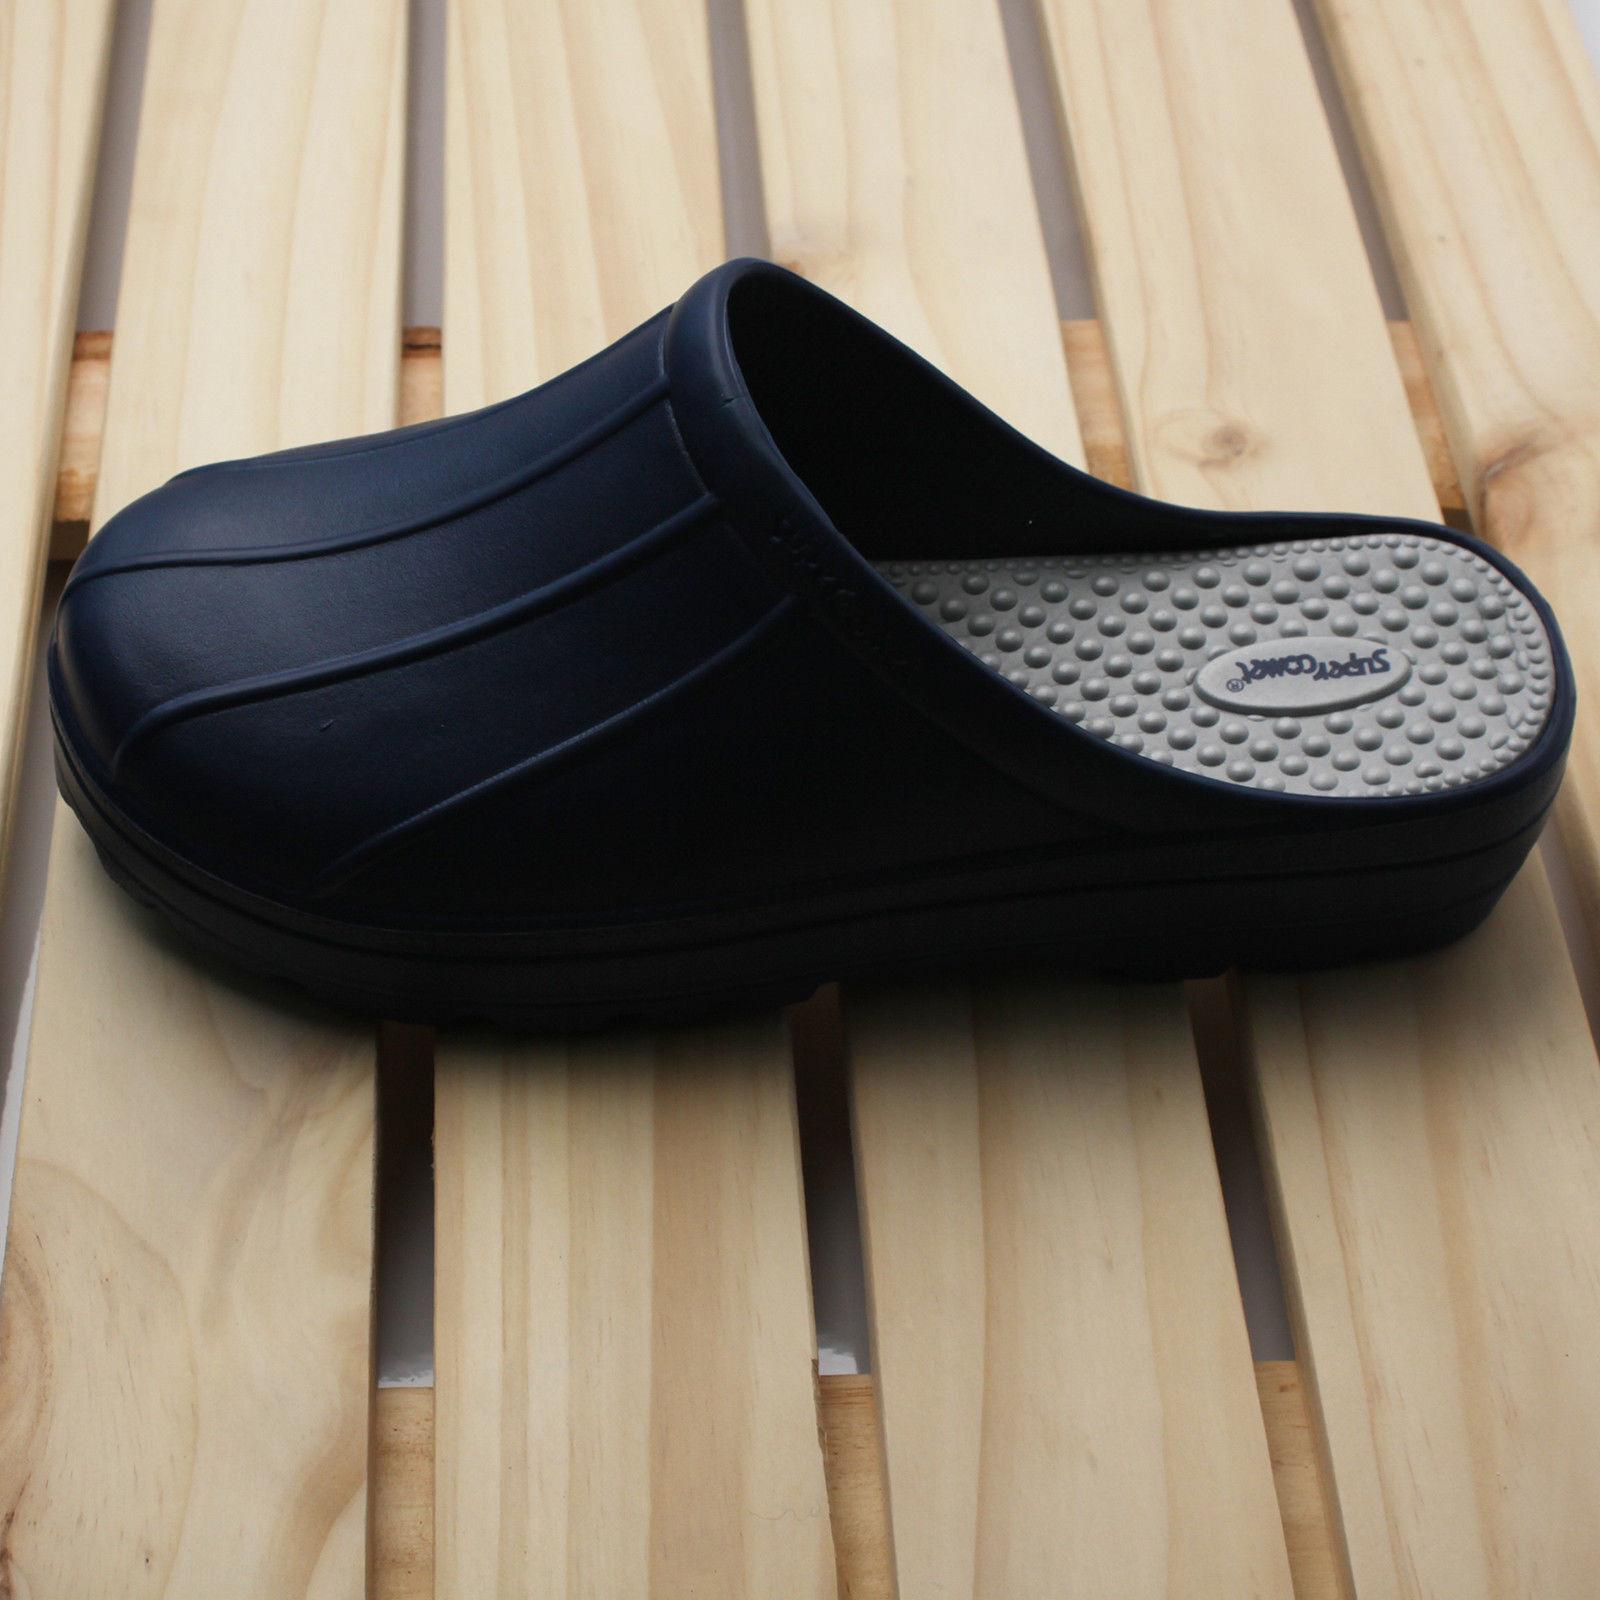 New Safety Mens Chef Shoes Slippers Sandal Clogsr Safety New Kitchen Non-Slip Comfort Vee 51af2c